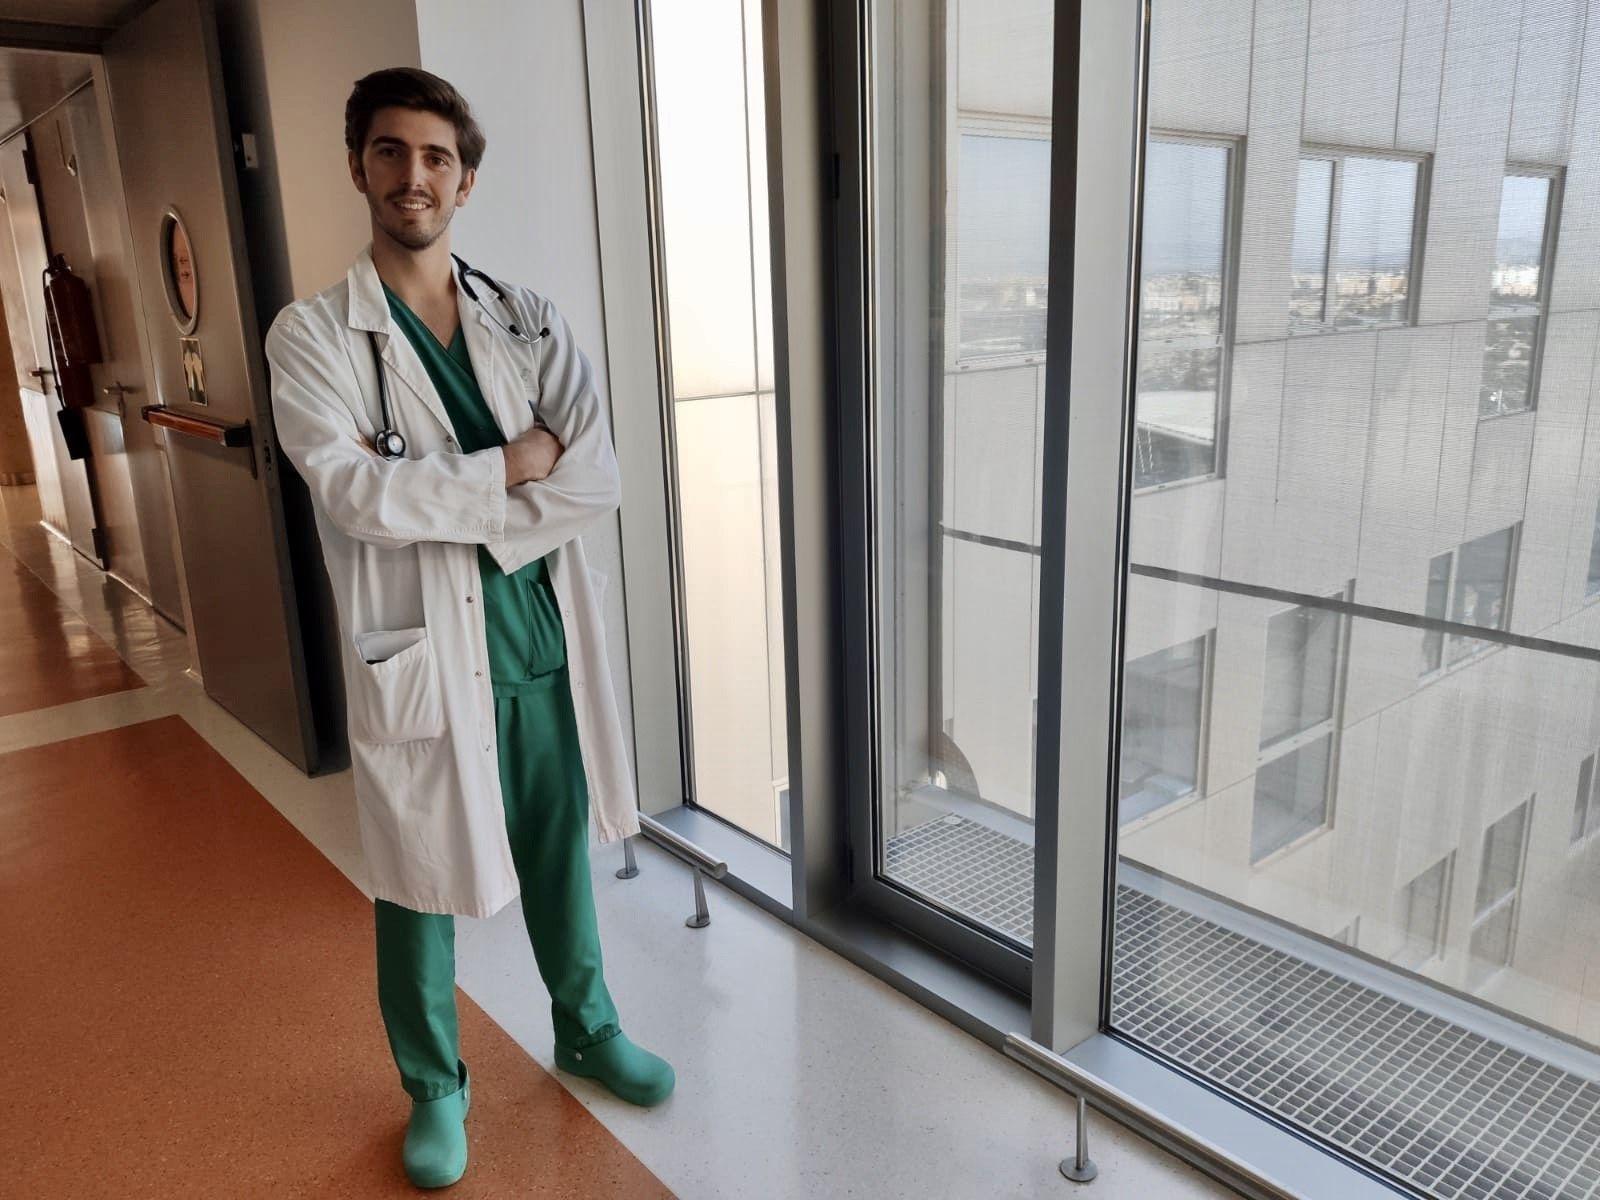 Zóser Saura, graduado en Medicina por la CEU UCH, es ahora médico residente en Cartagena.